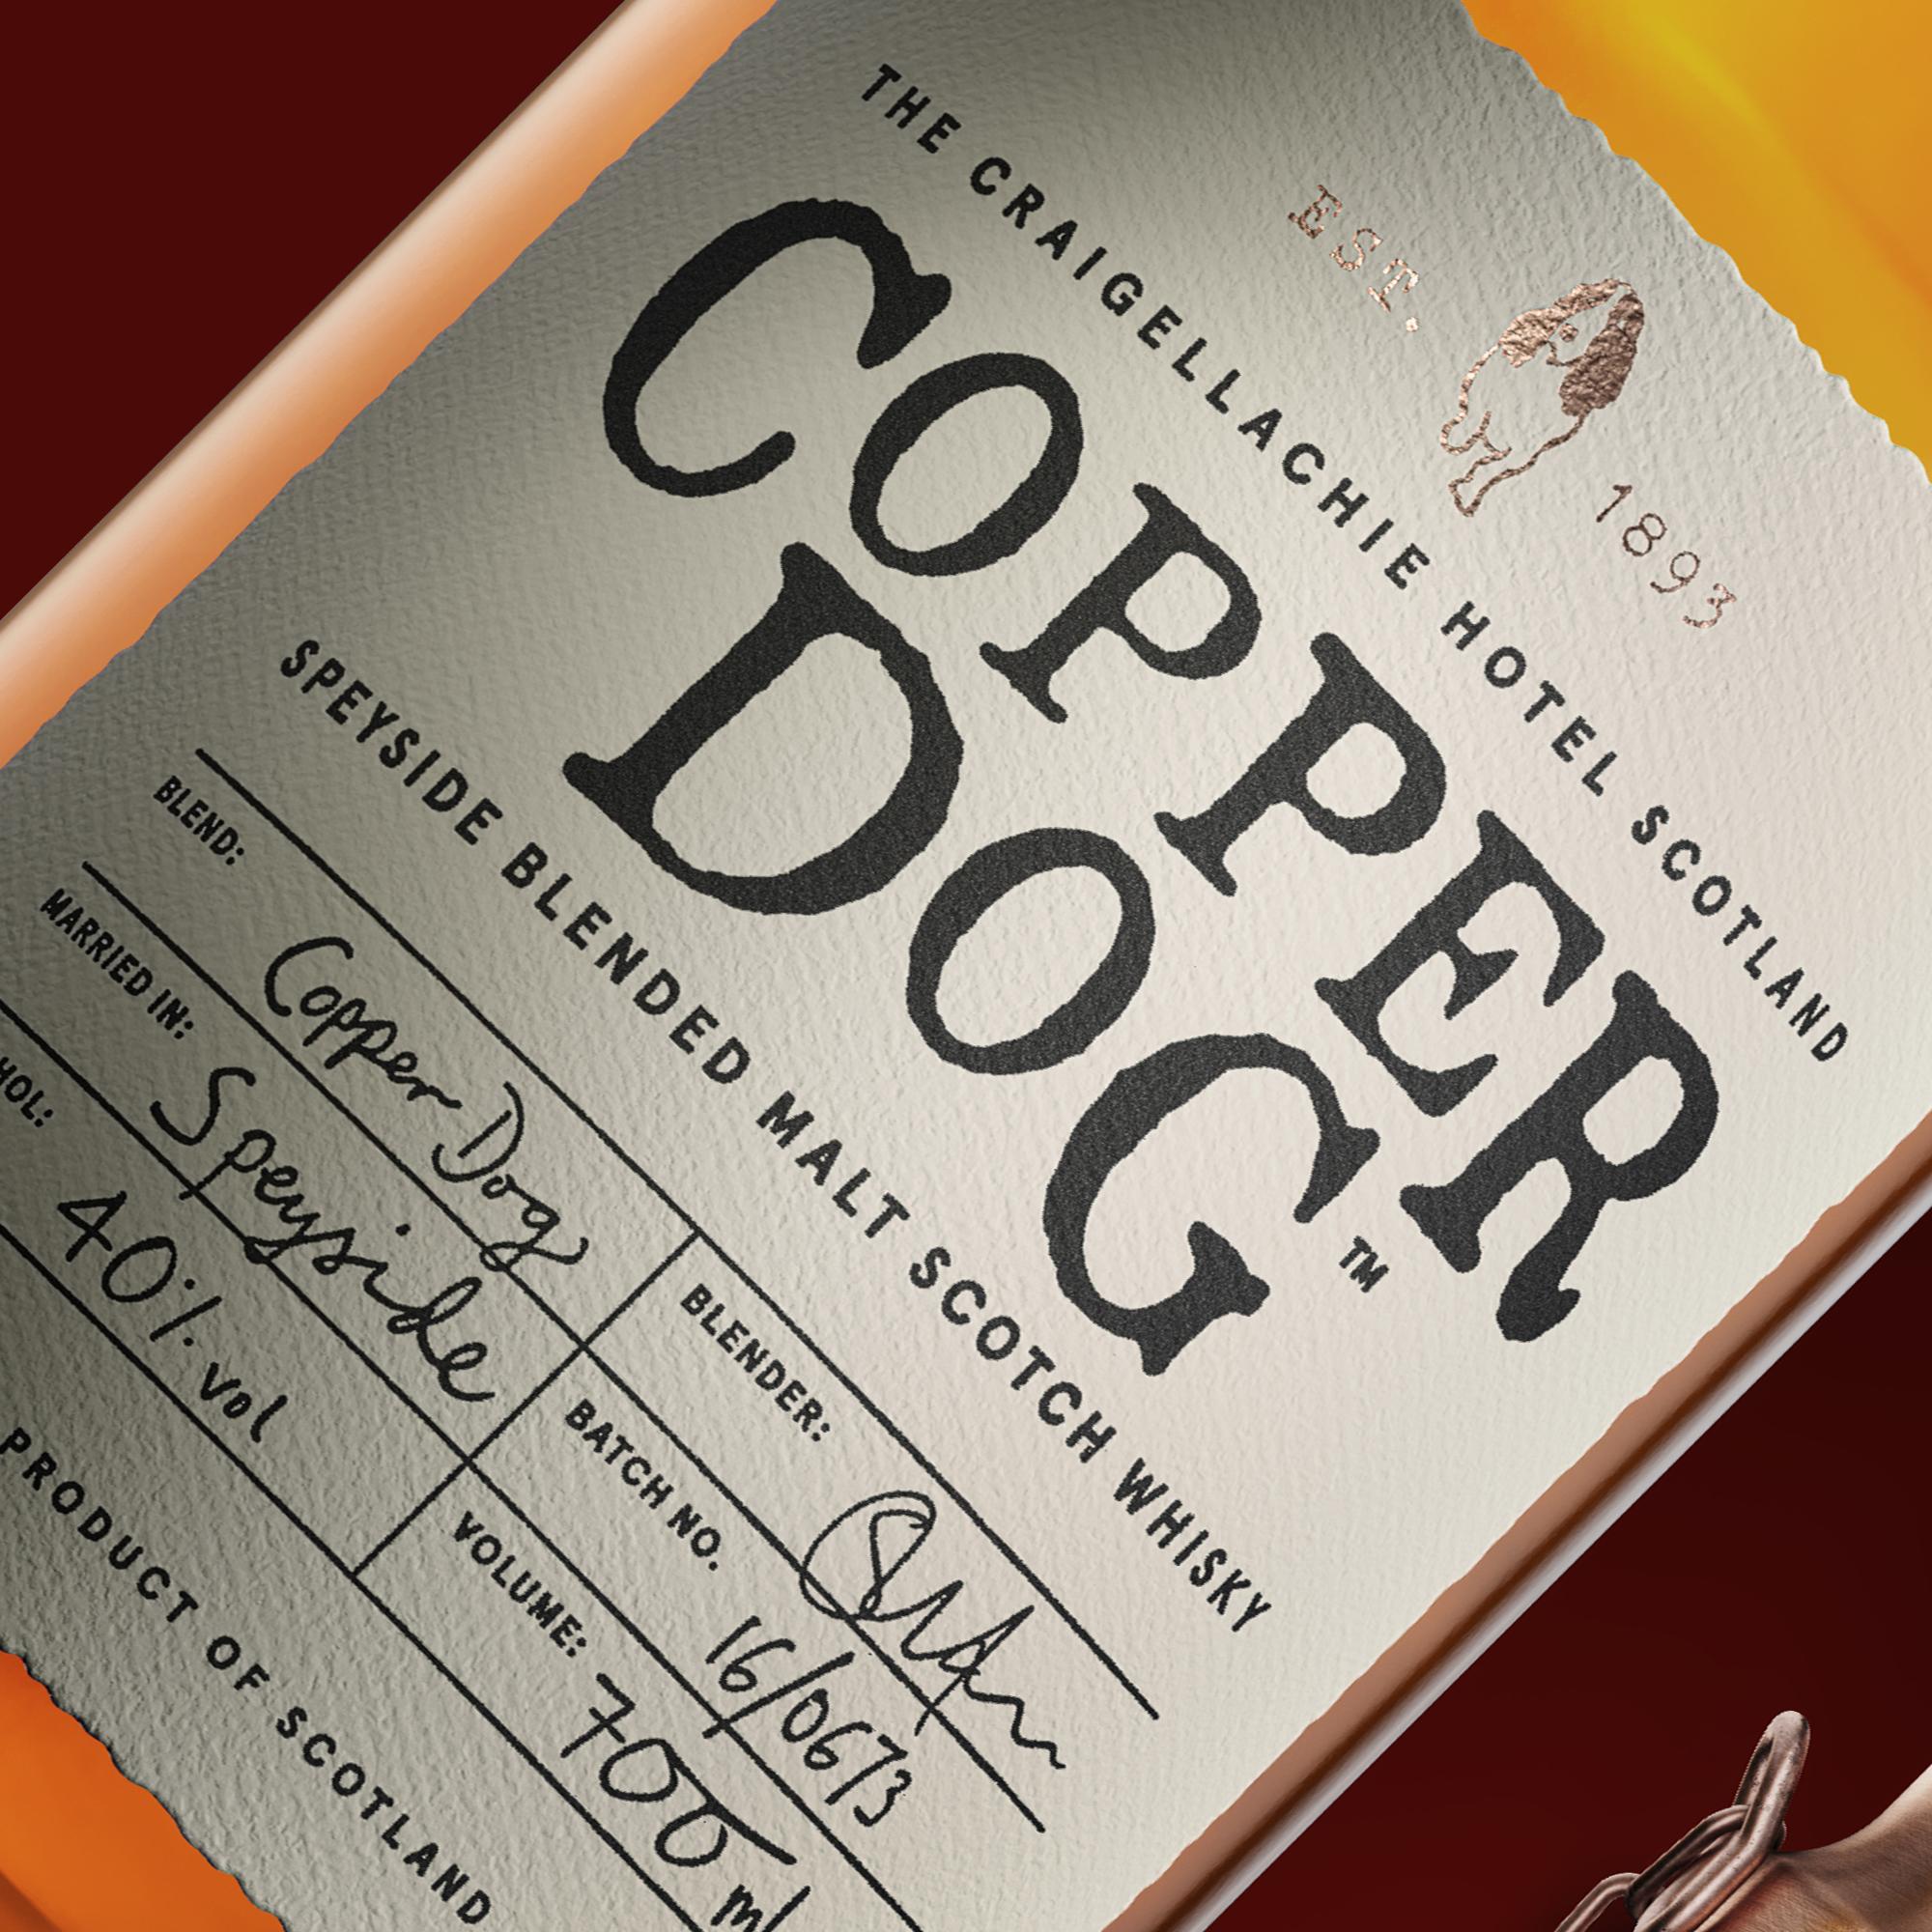 COPPER DOG - FINAL - DETAILS - 01_0004_Background copy 3.jpg